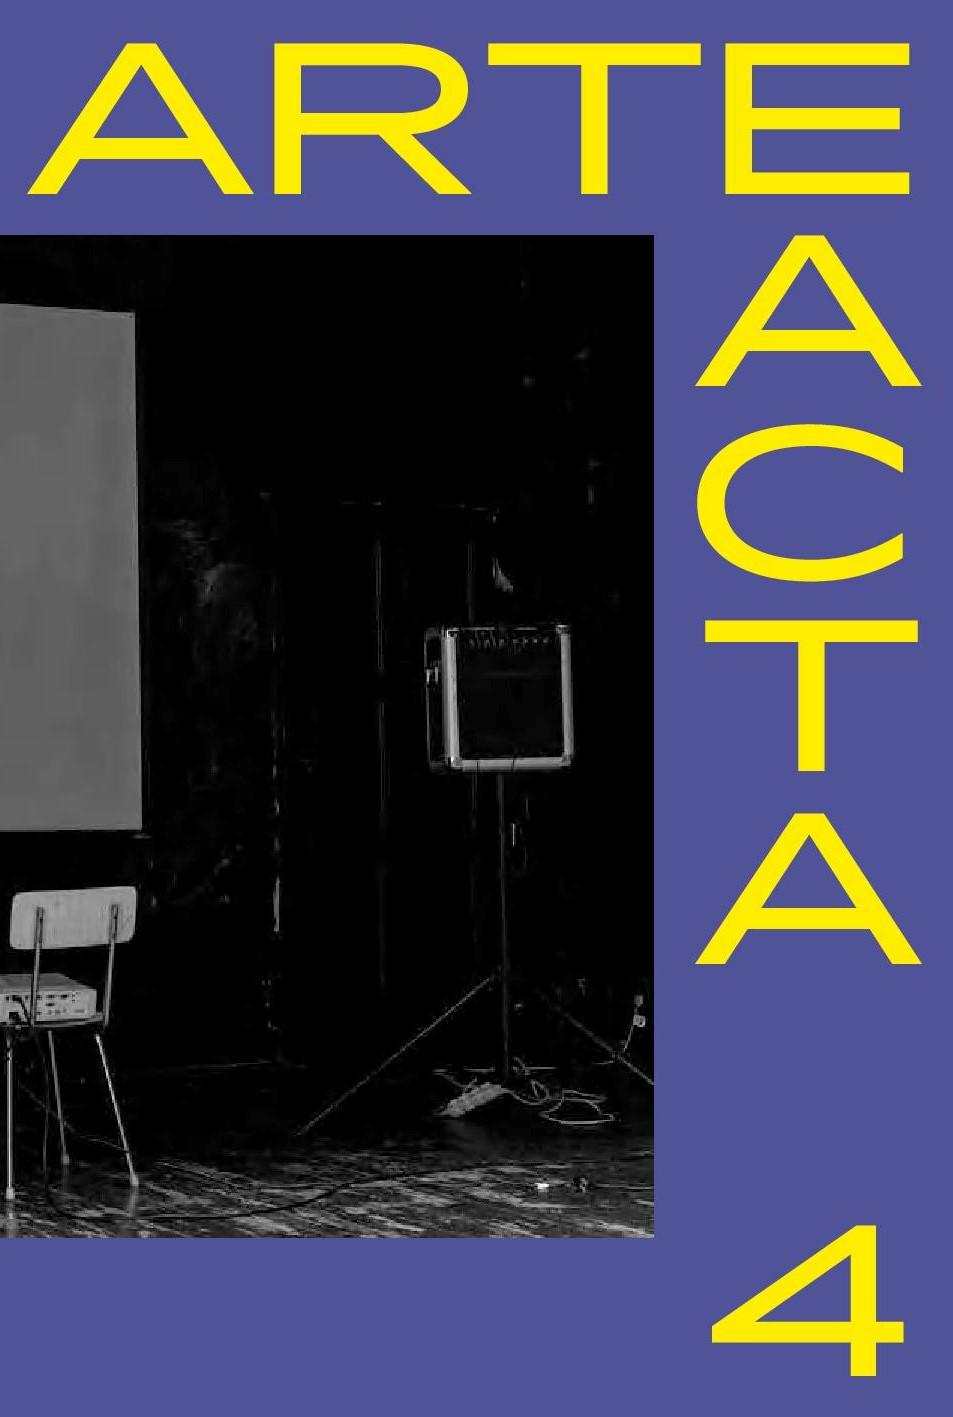 ArteActa